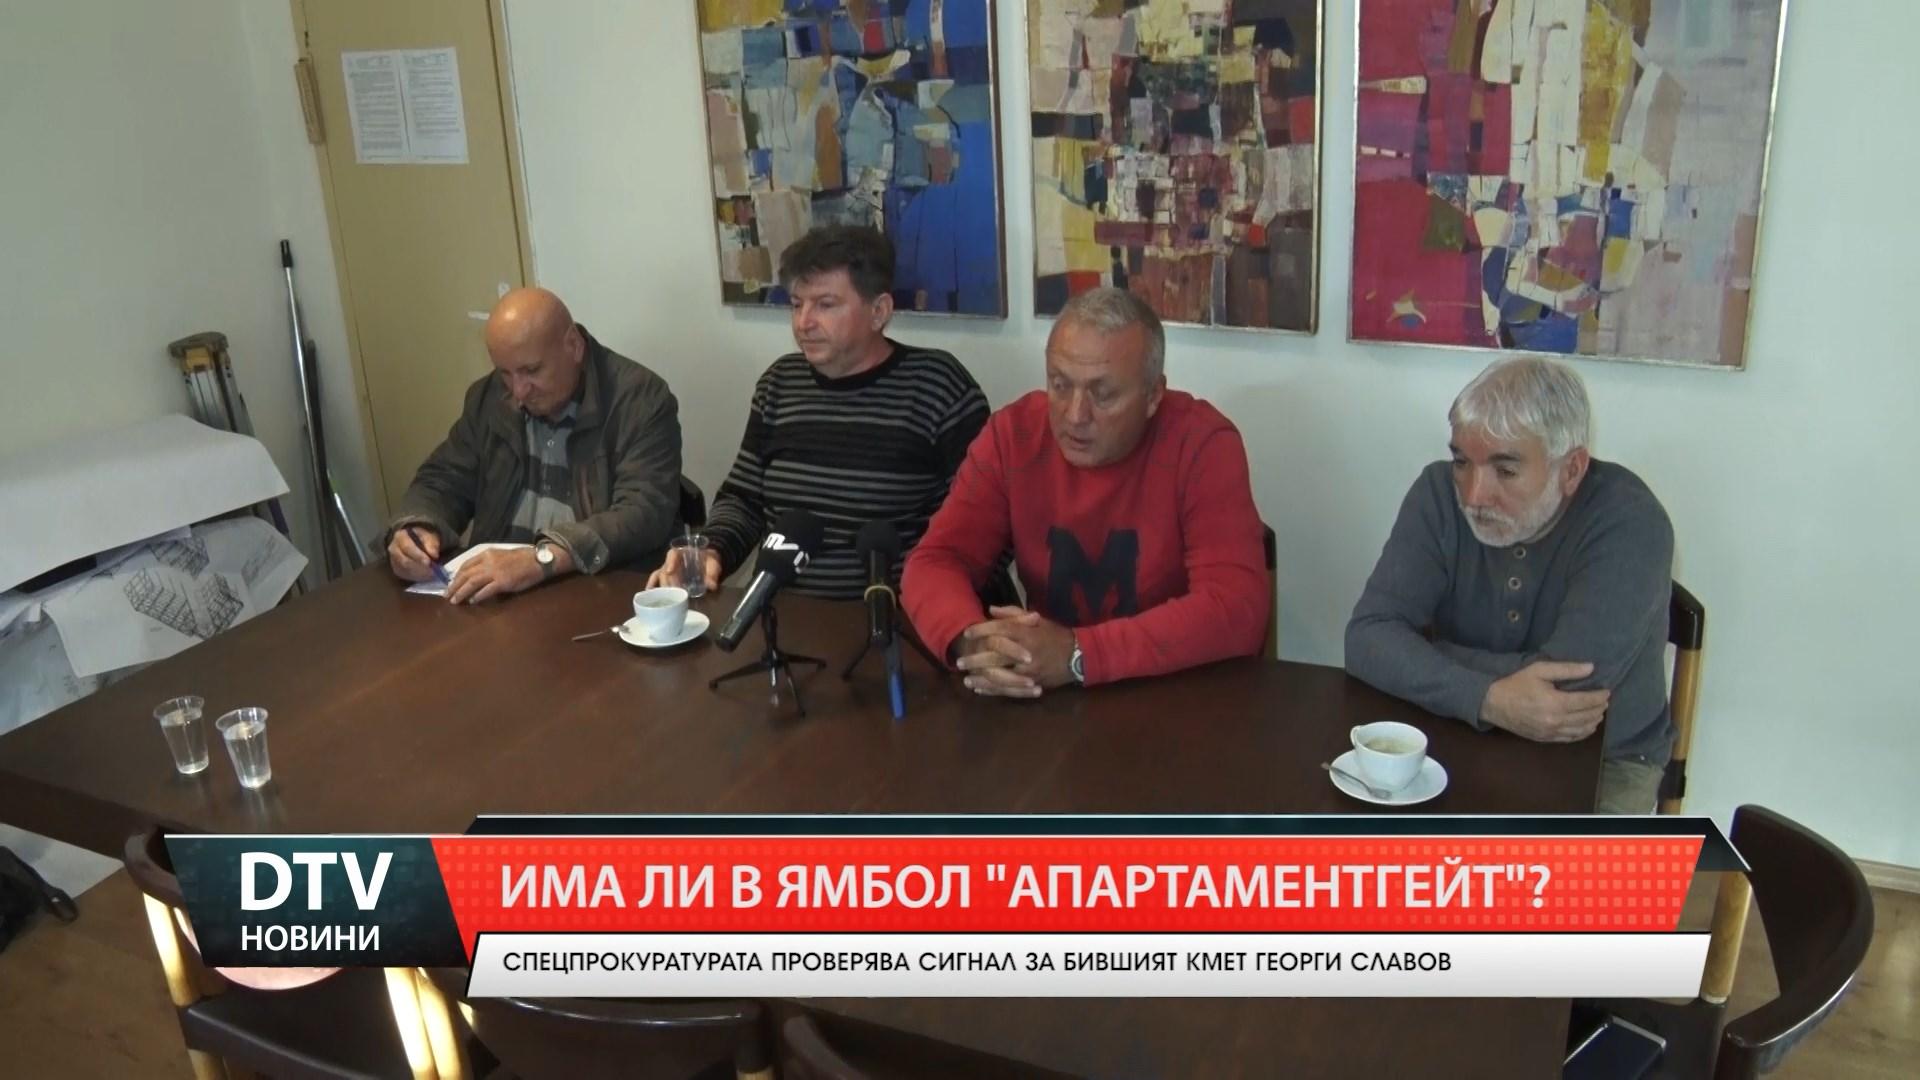 """Инициативен комитет  сигнализира за """"апартаментгейт"""" и за заложени  """"капани"""" за новото управление на Ямбол"""